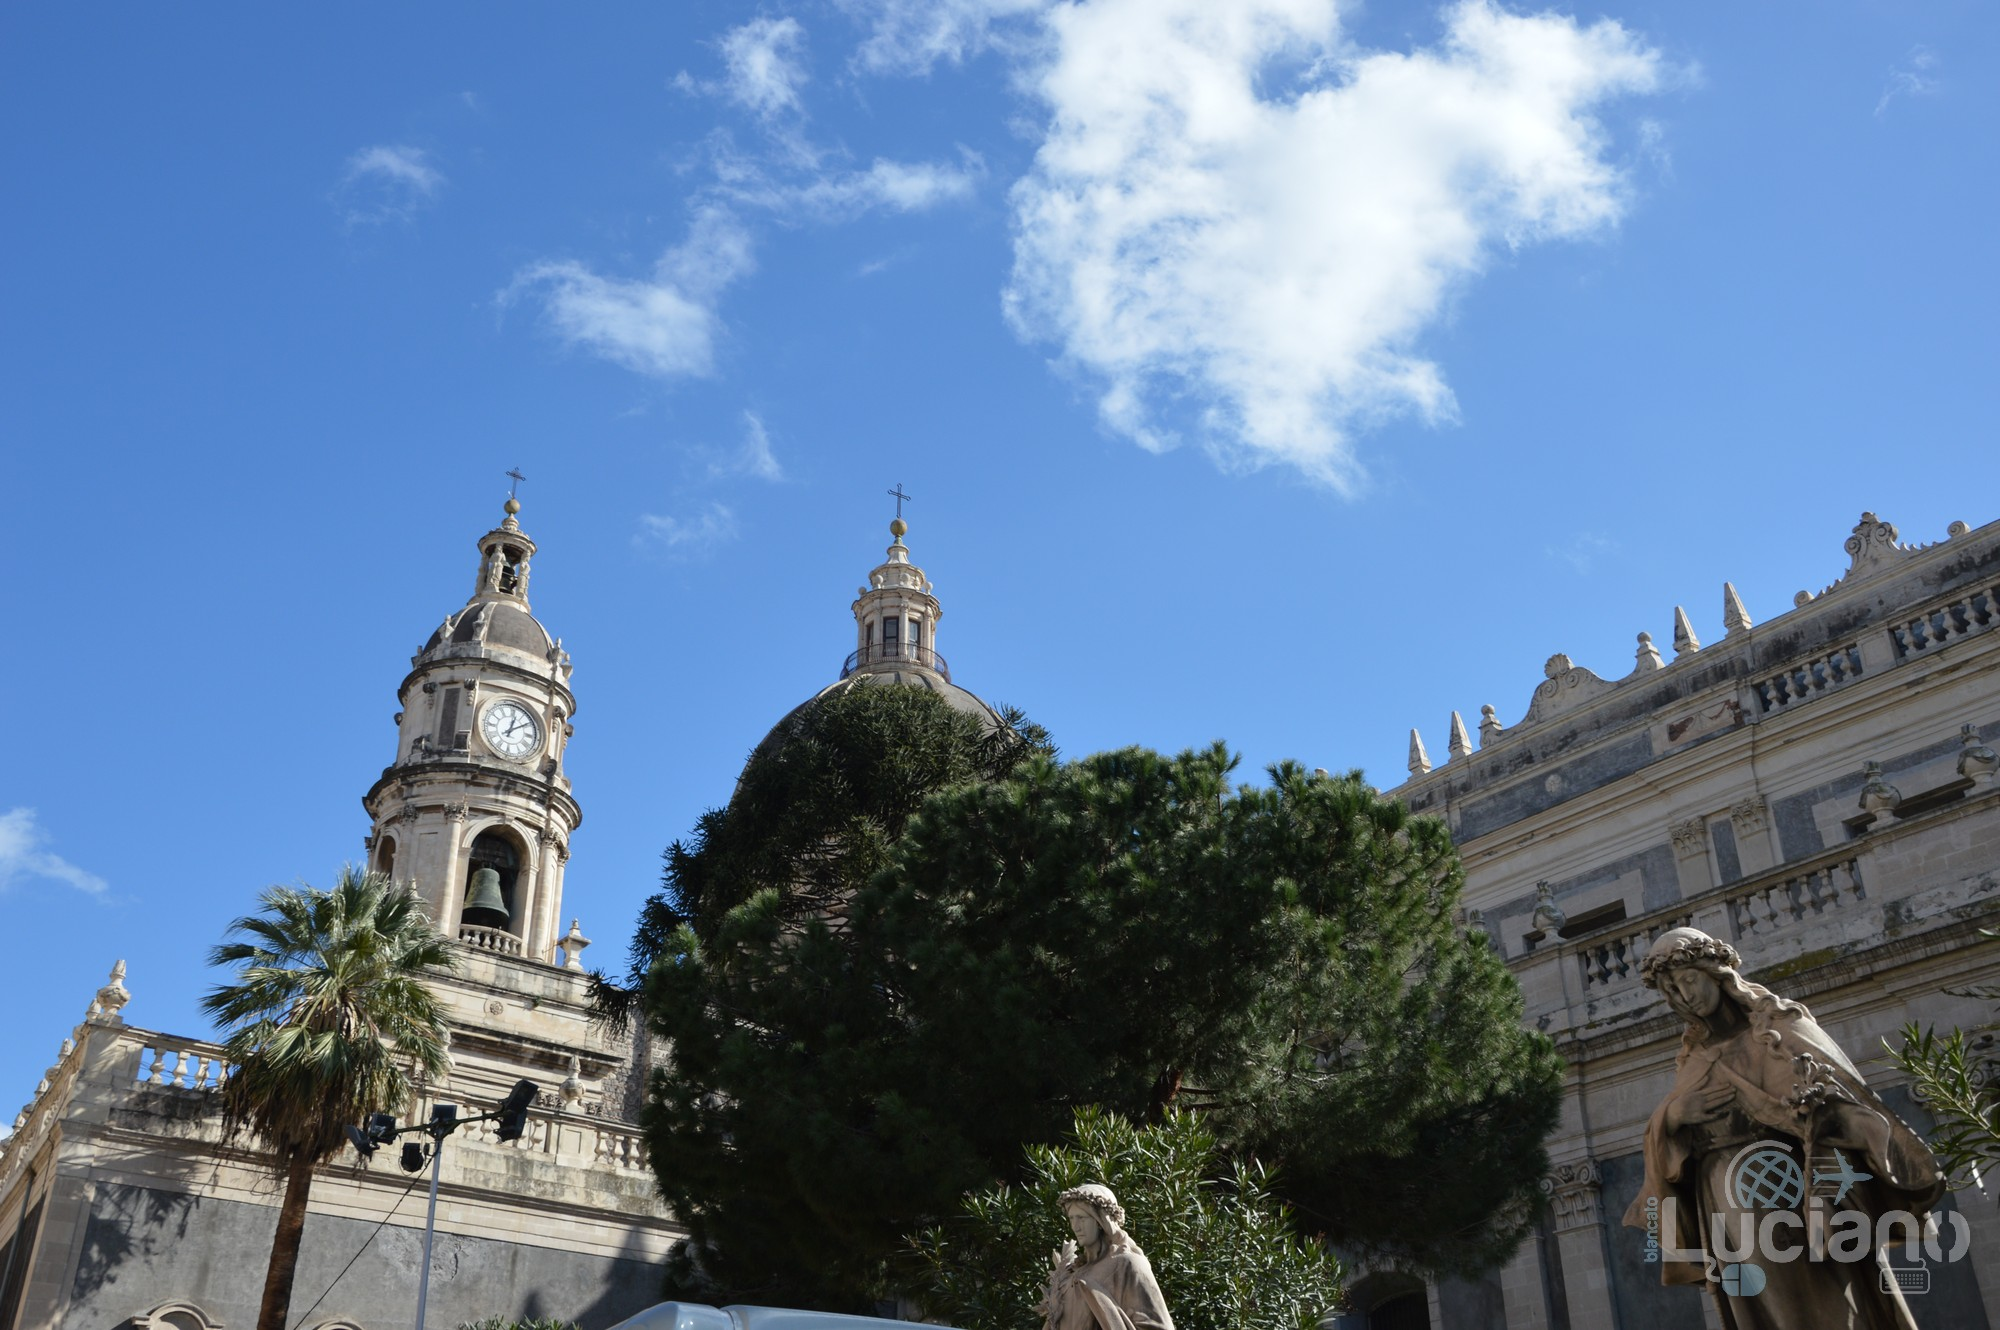 dettaglio laterale del duomo, durante i festeggiamenti per Sant'Agata 2019 - Catania (CT)